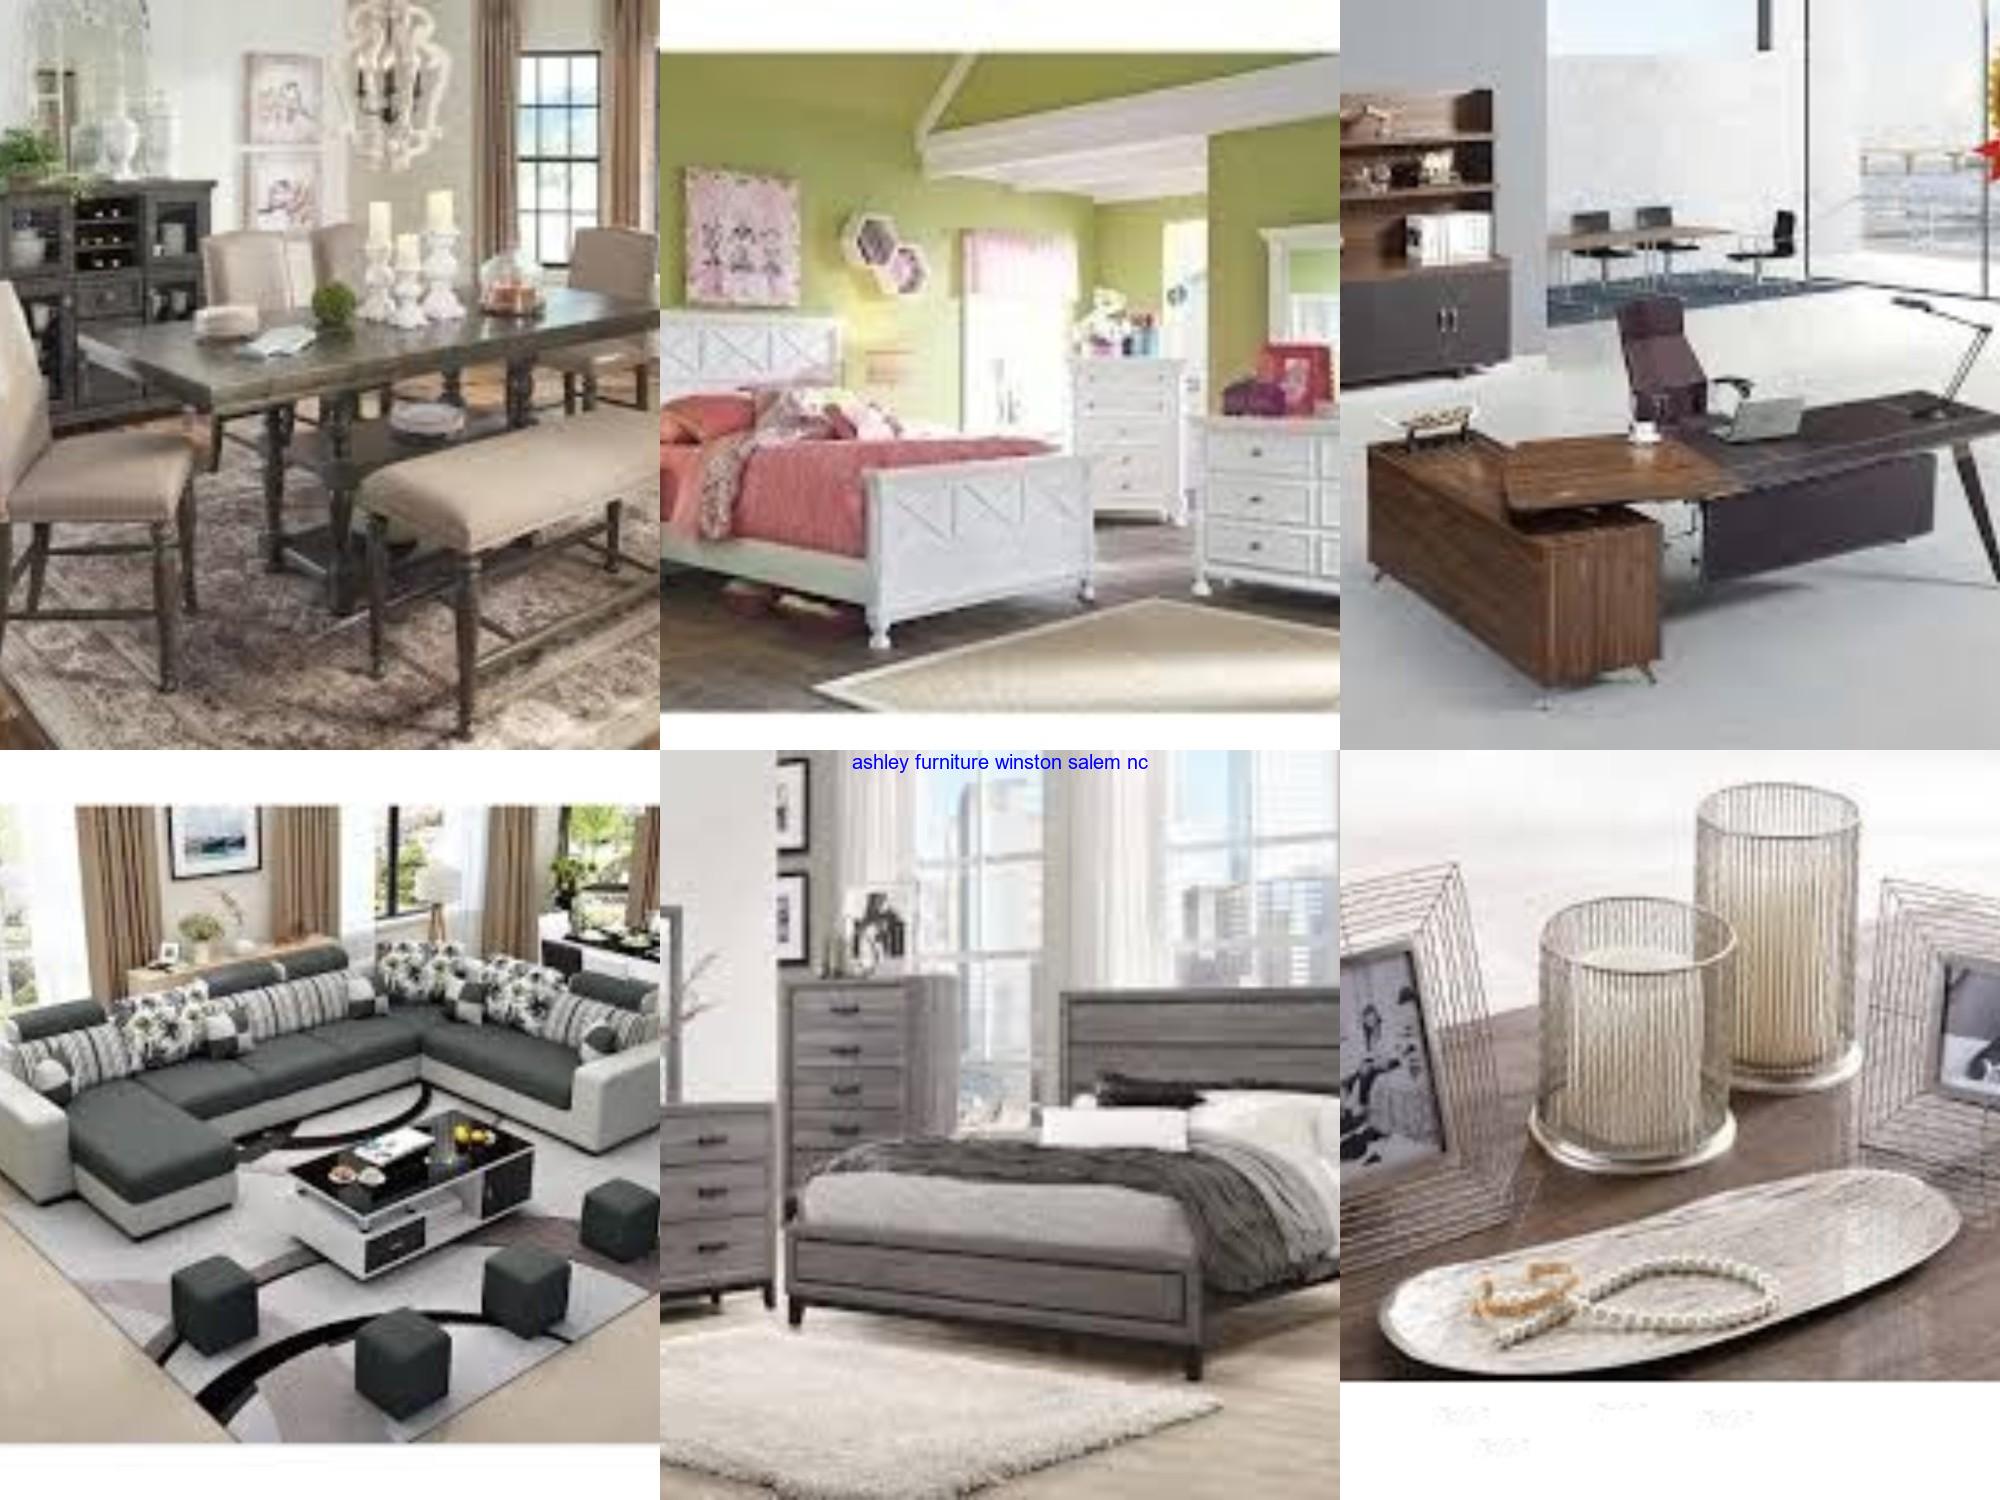 Ashley Furniture Winston Salem Nc In 2020 Furniture Prices Ashley Furniture Bedroom Set